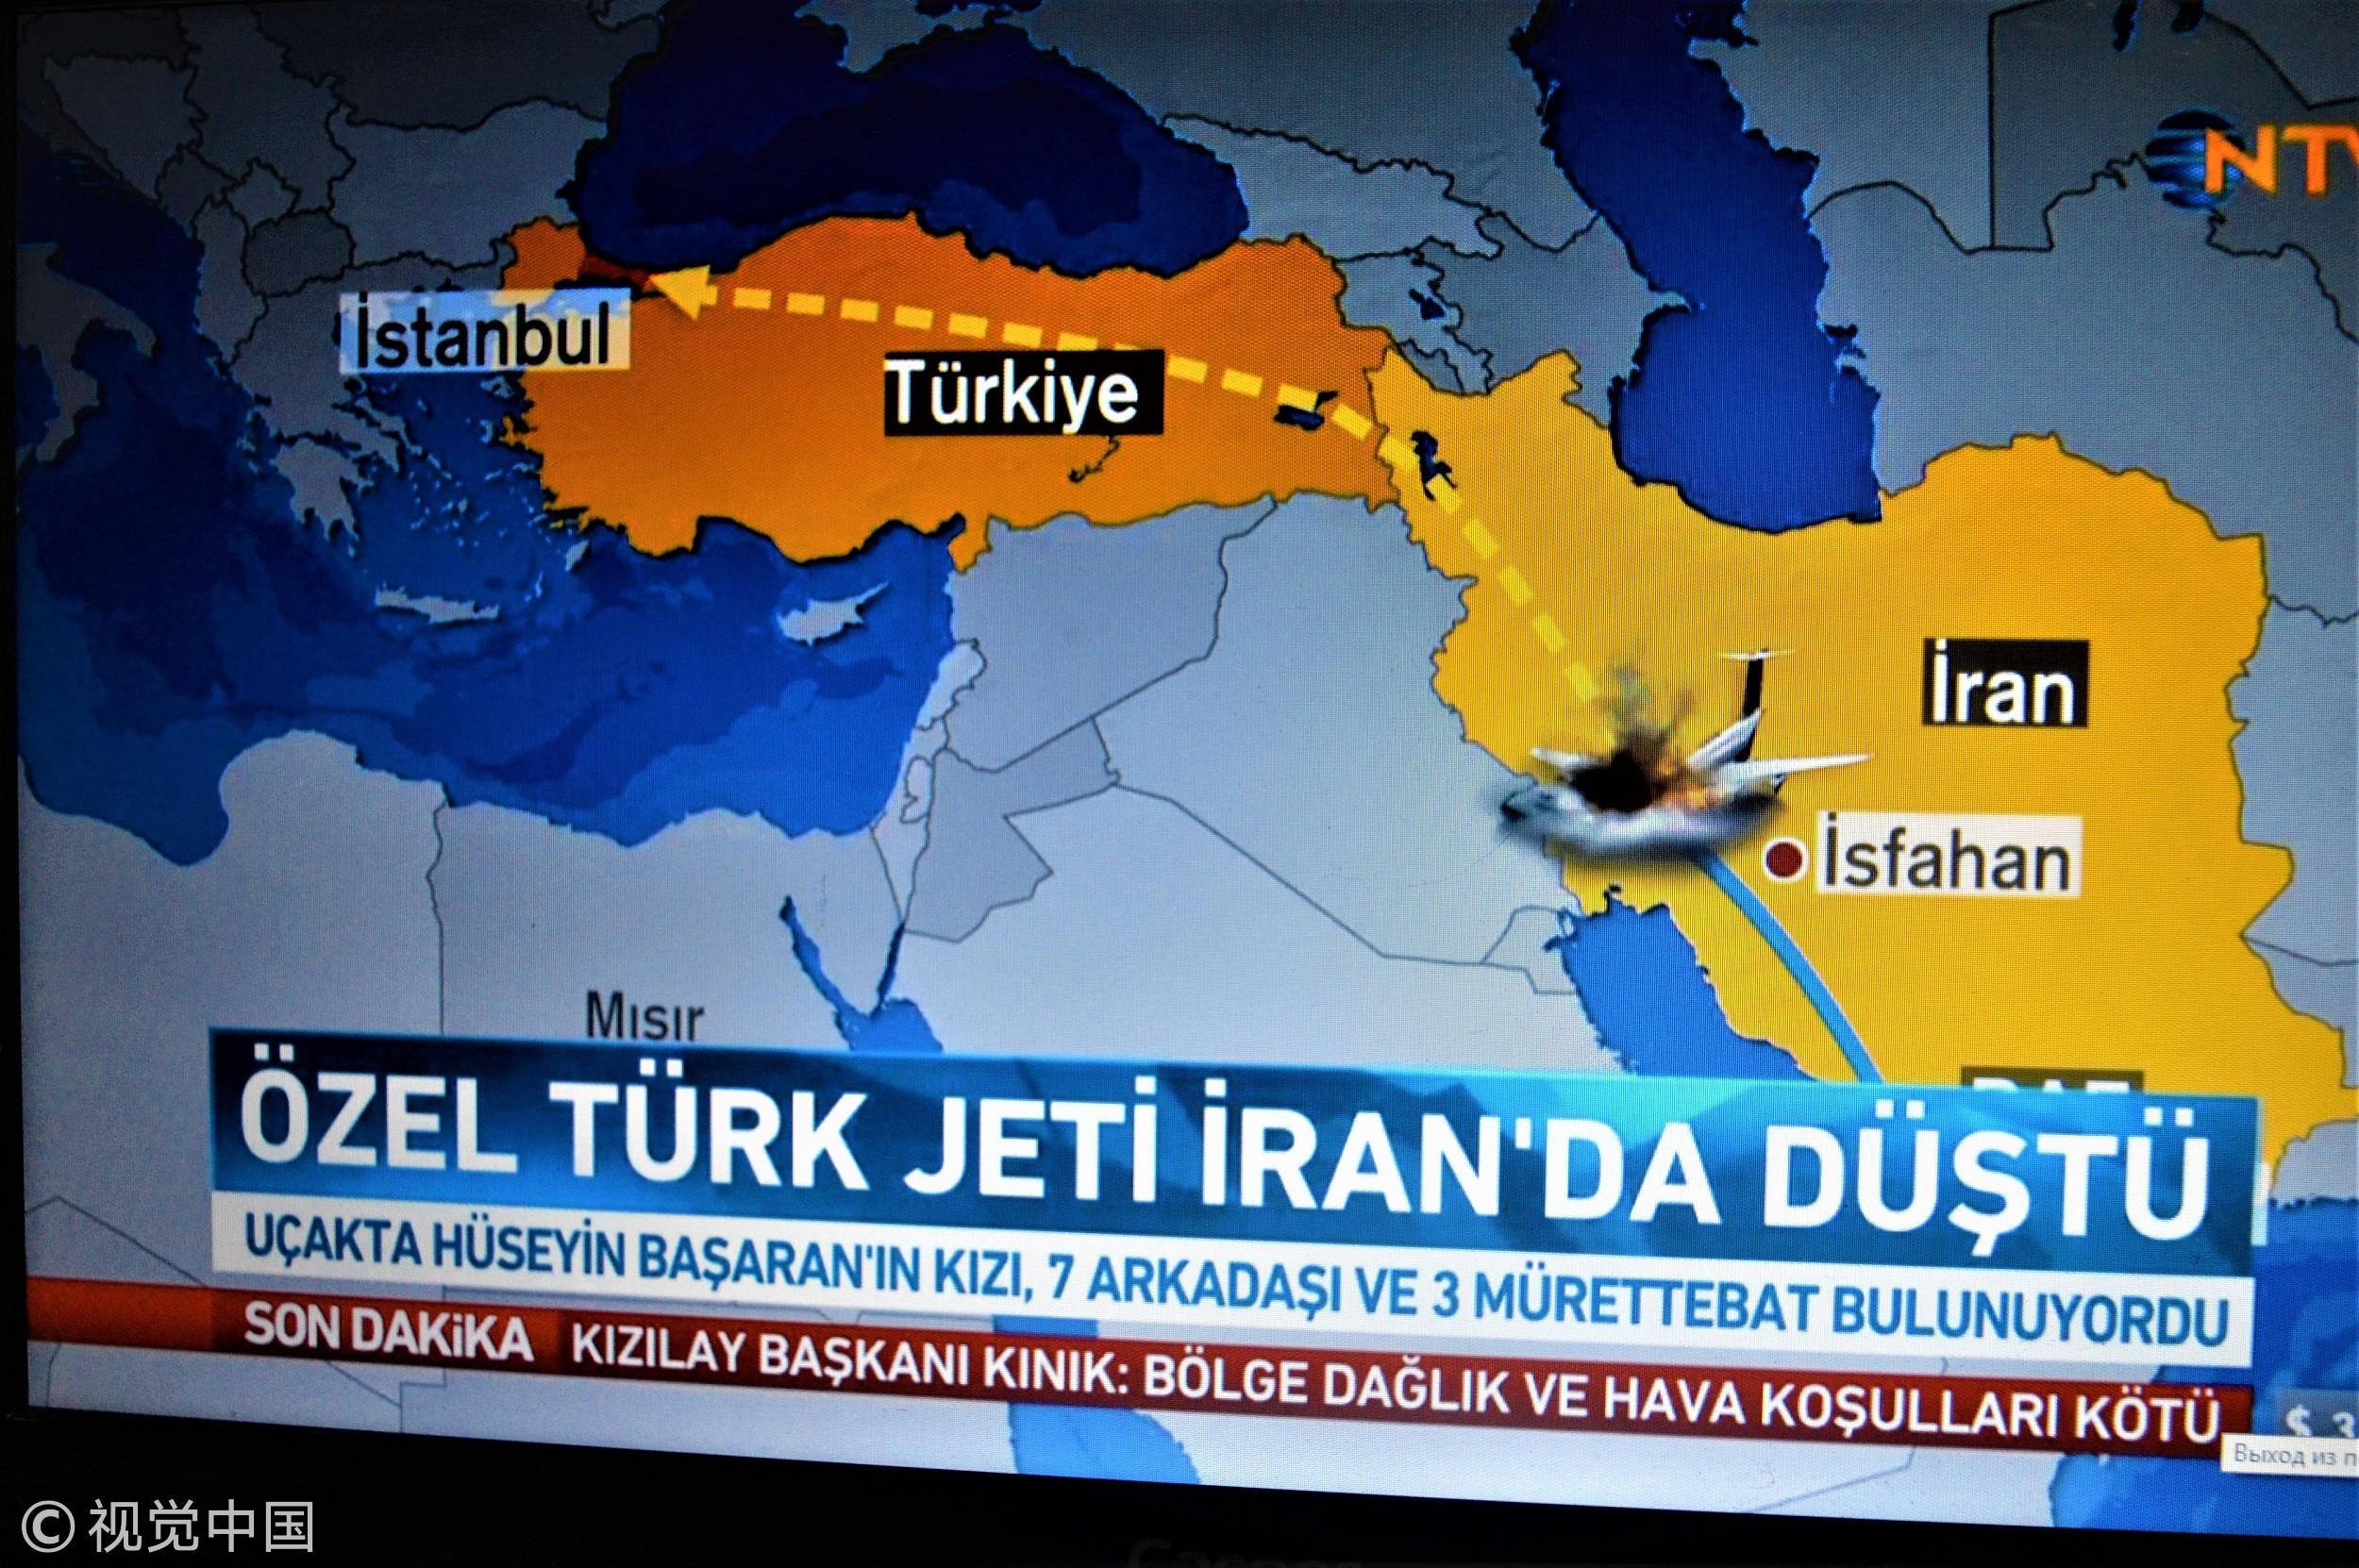 土耳其富商巴薩朗的28歲女兒米娜(Mina Basaran)和姐妹參加單身派對,全程墜機全罹難。(圖/CFP)